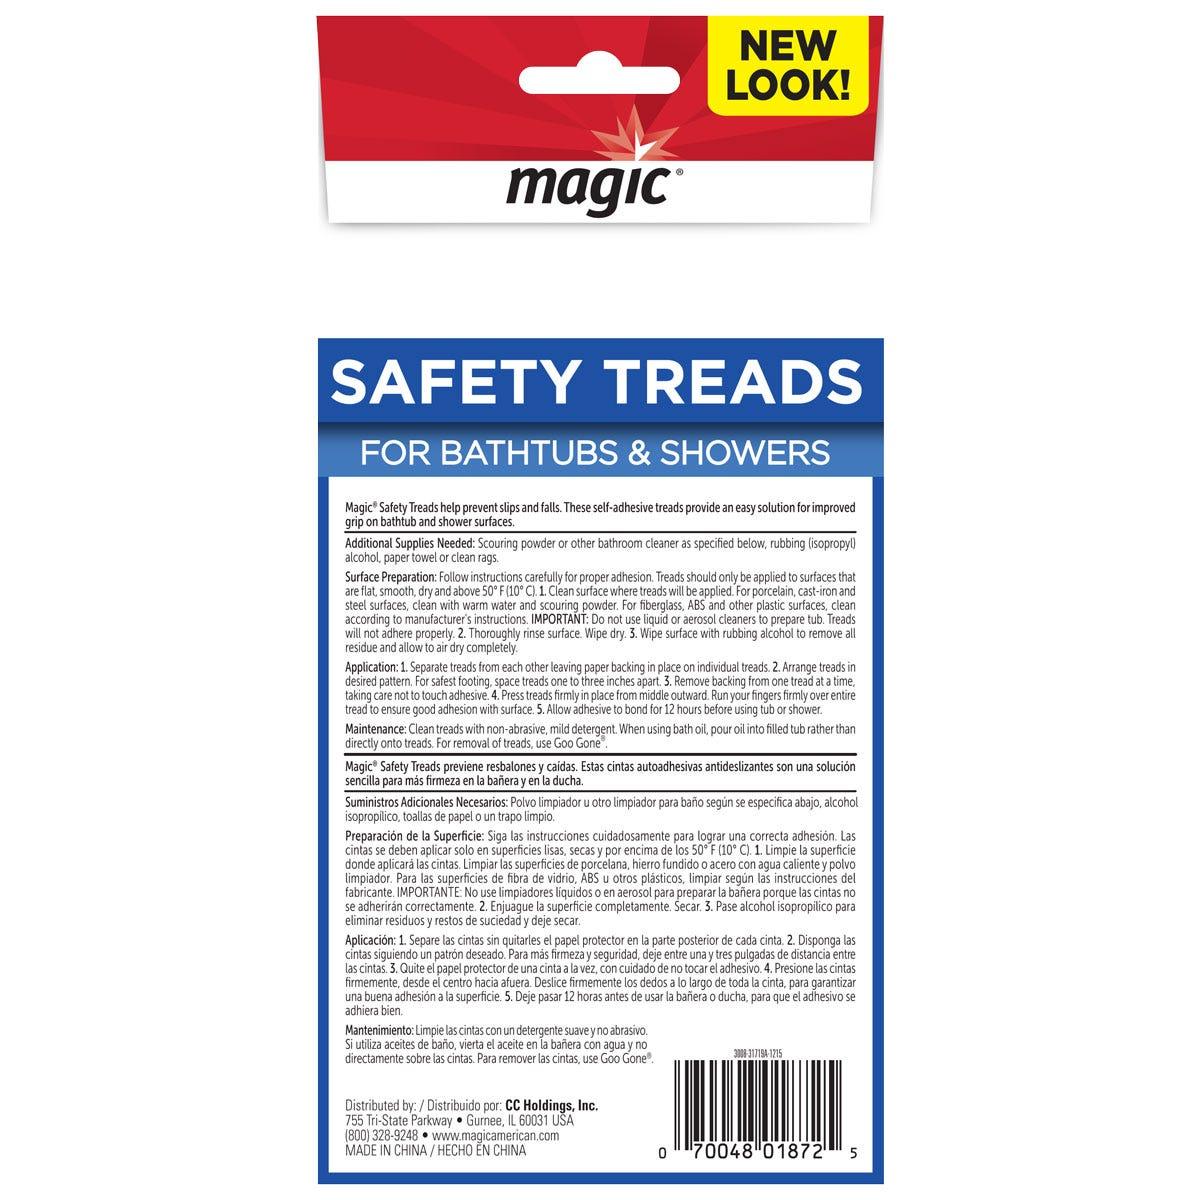 Shower & Tub Safety Treads Back Label